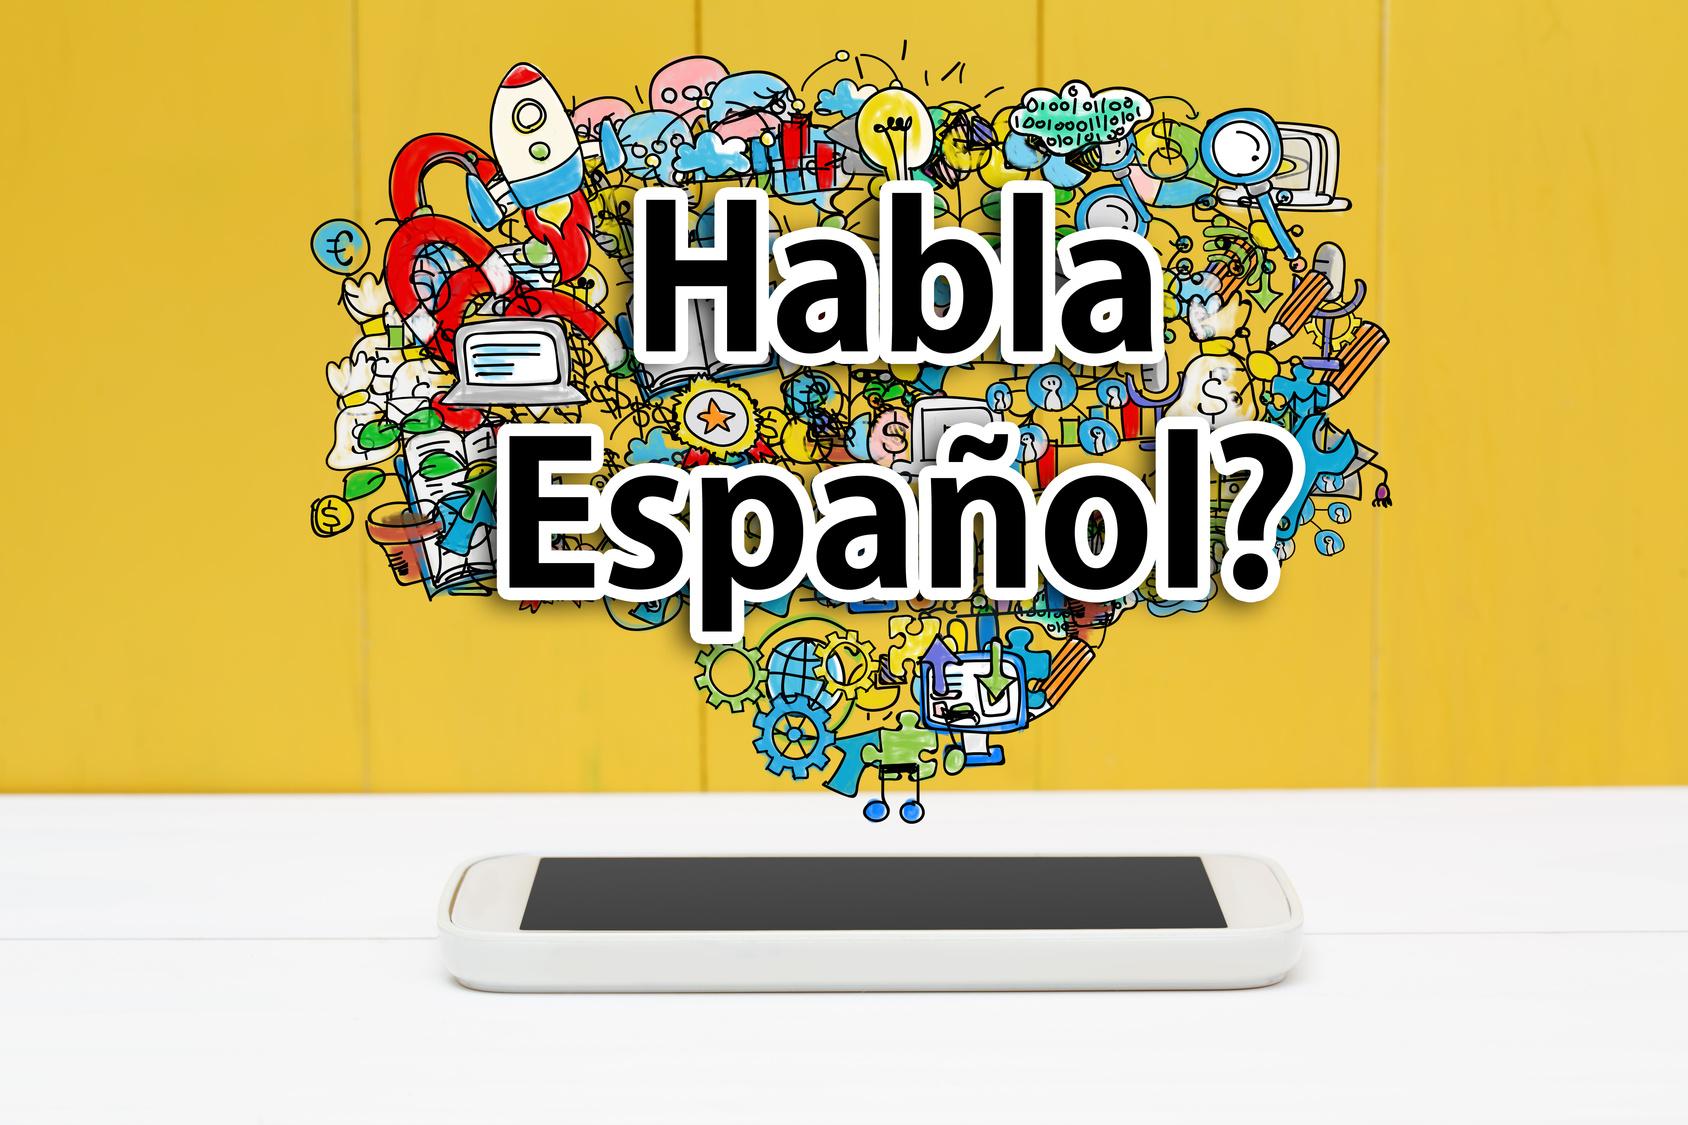 czy mówisz po hiszpańsku?